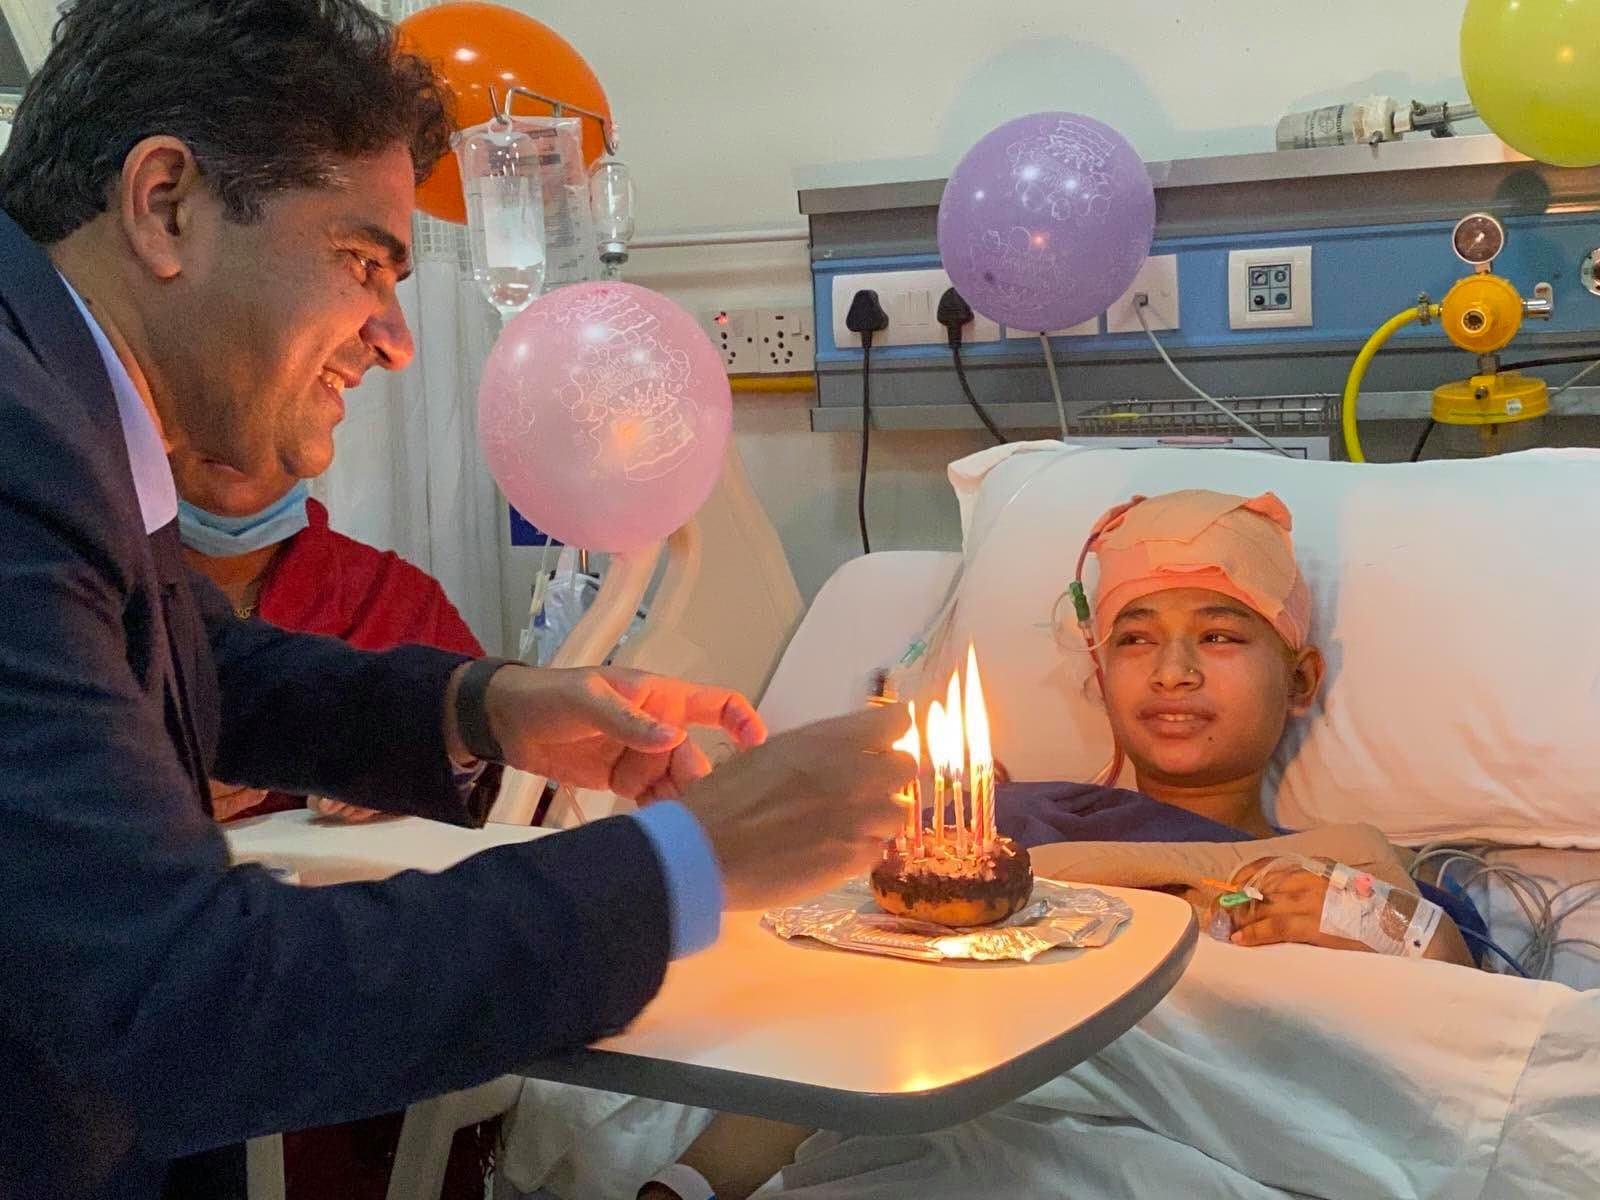 जन्मदिनकै दिन जटिल शल्यक्रिया, होस खुल्नेबित्तिकै अस्पतालबाट 'बर्थडे सेलिब्रेसन' !